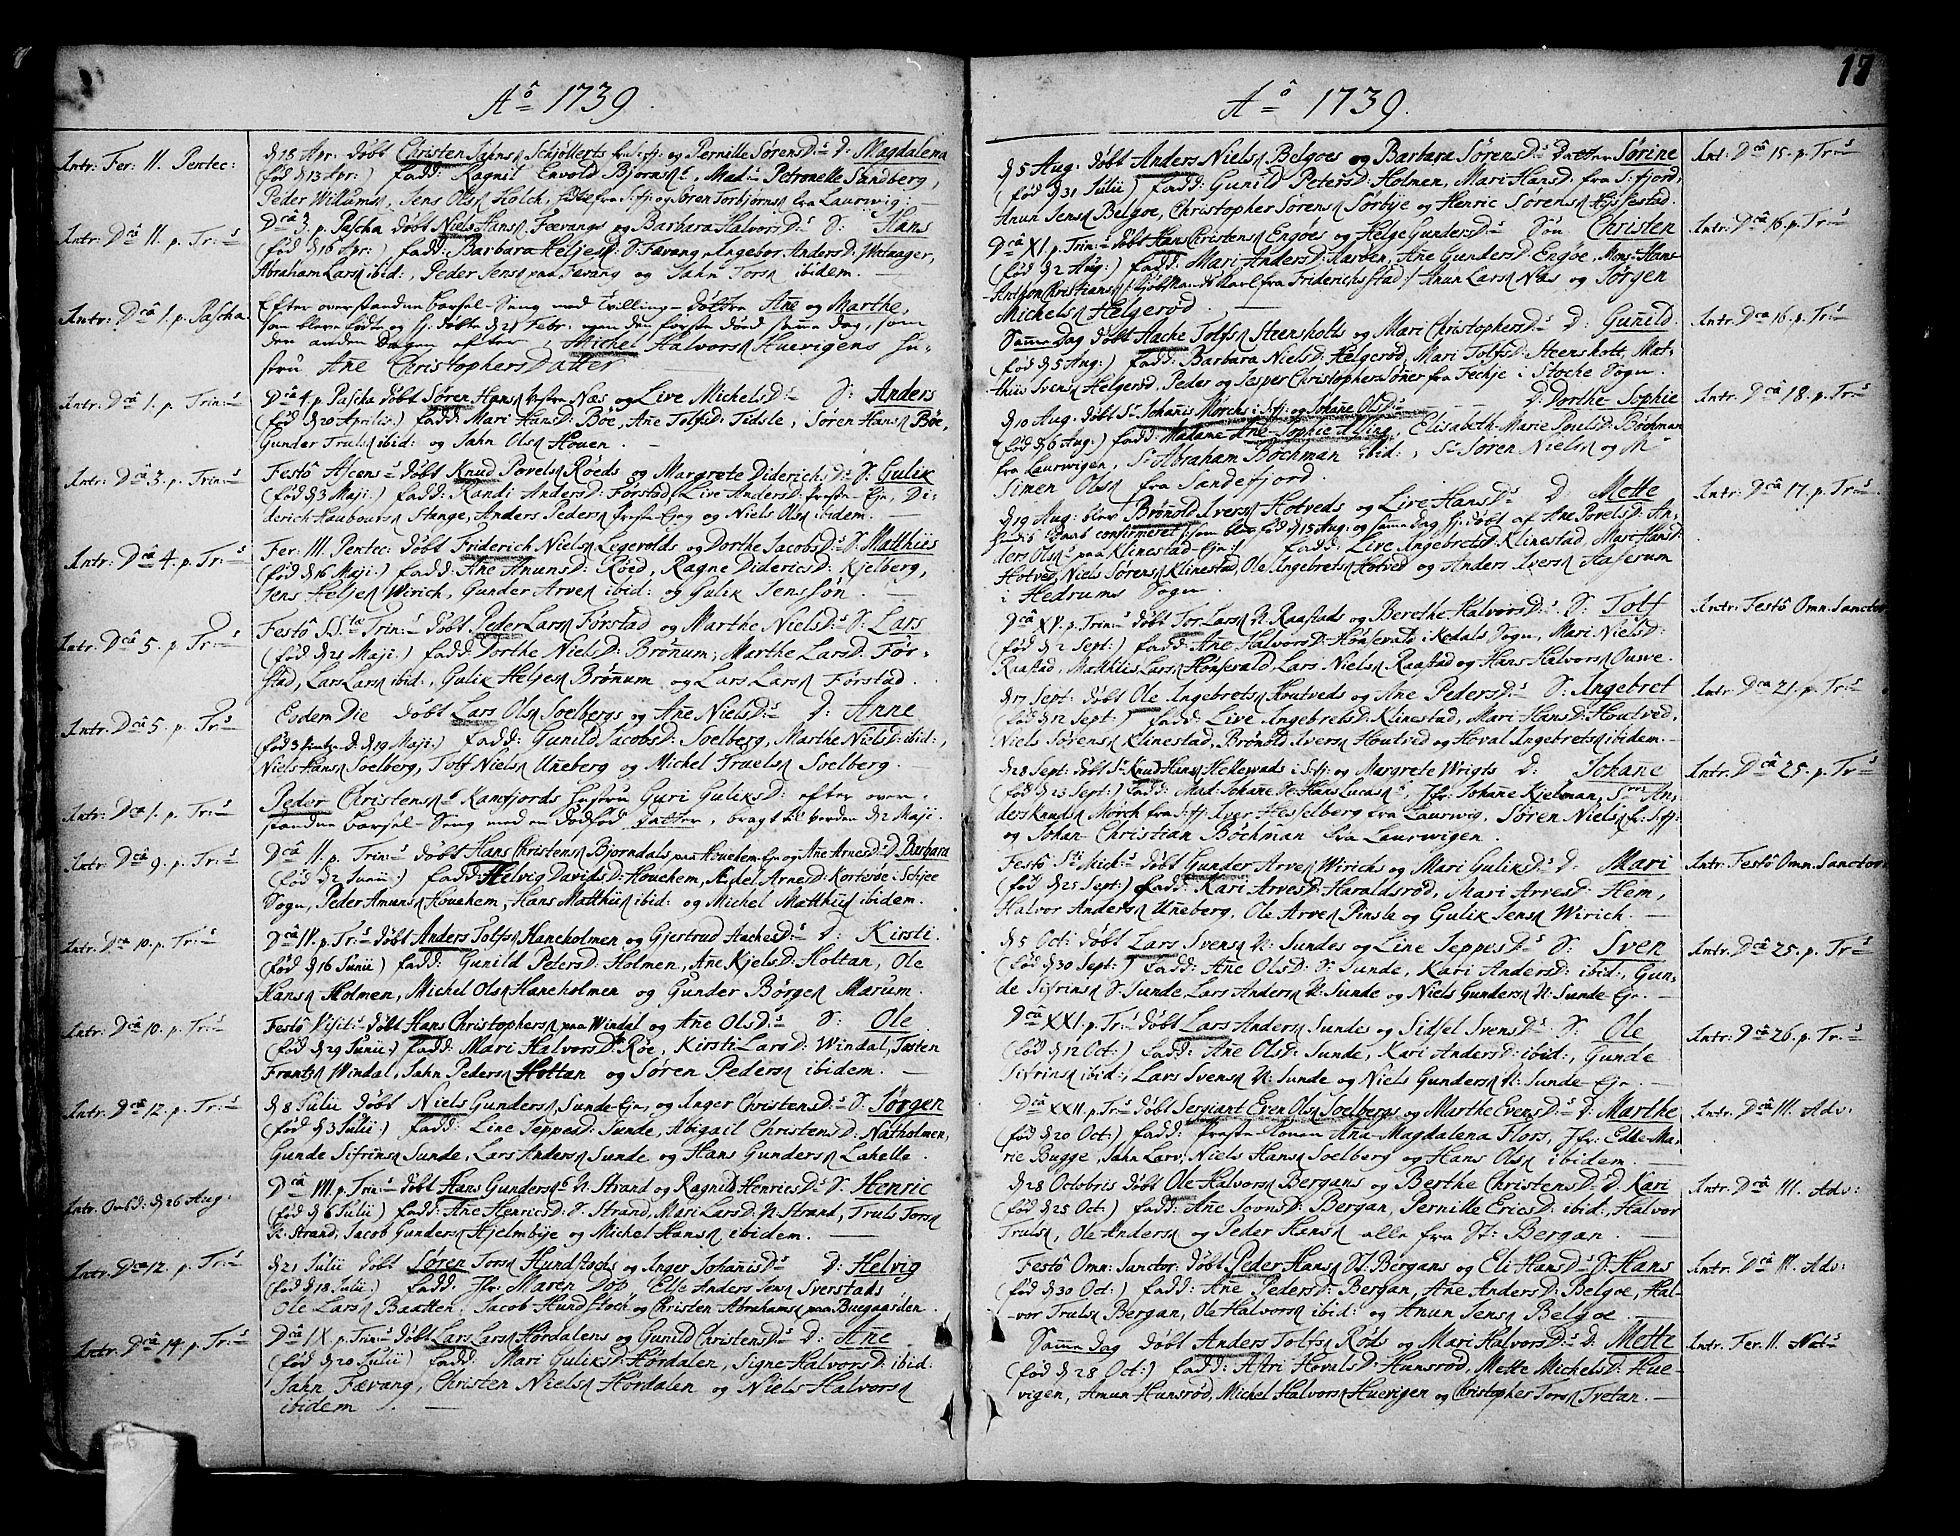 SAKO, Sandar kirkebøker, F/Fa/L0002: Ministerialbok nr. 2, 1733-1788, s. 17